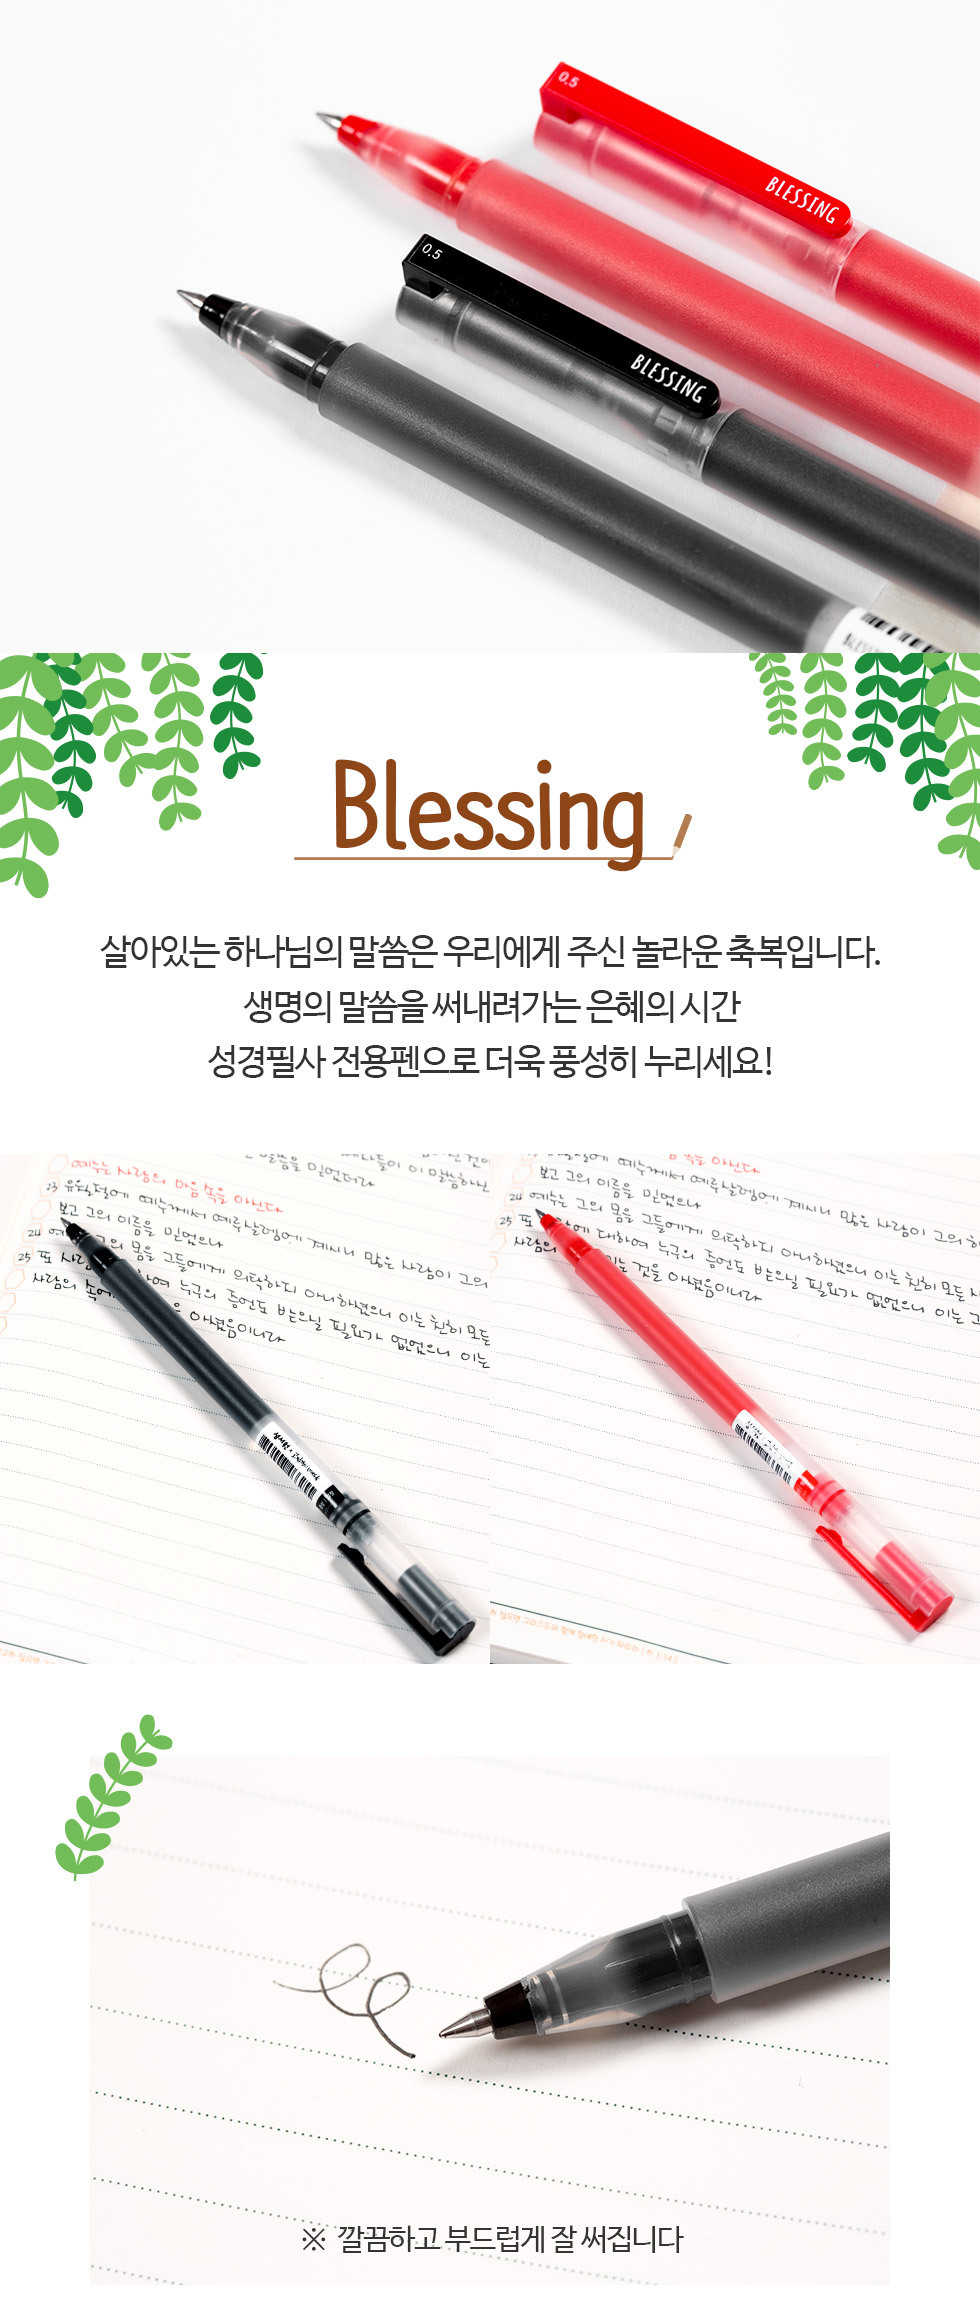 성경필사 전용펜 - 필사예시